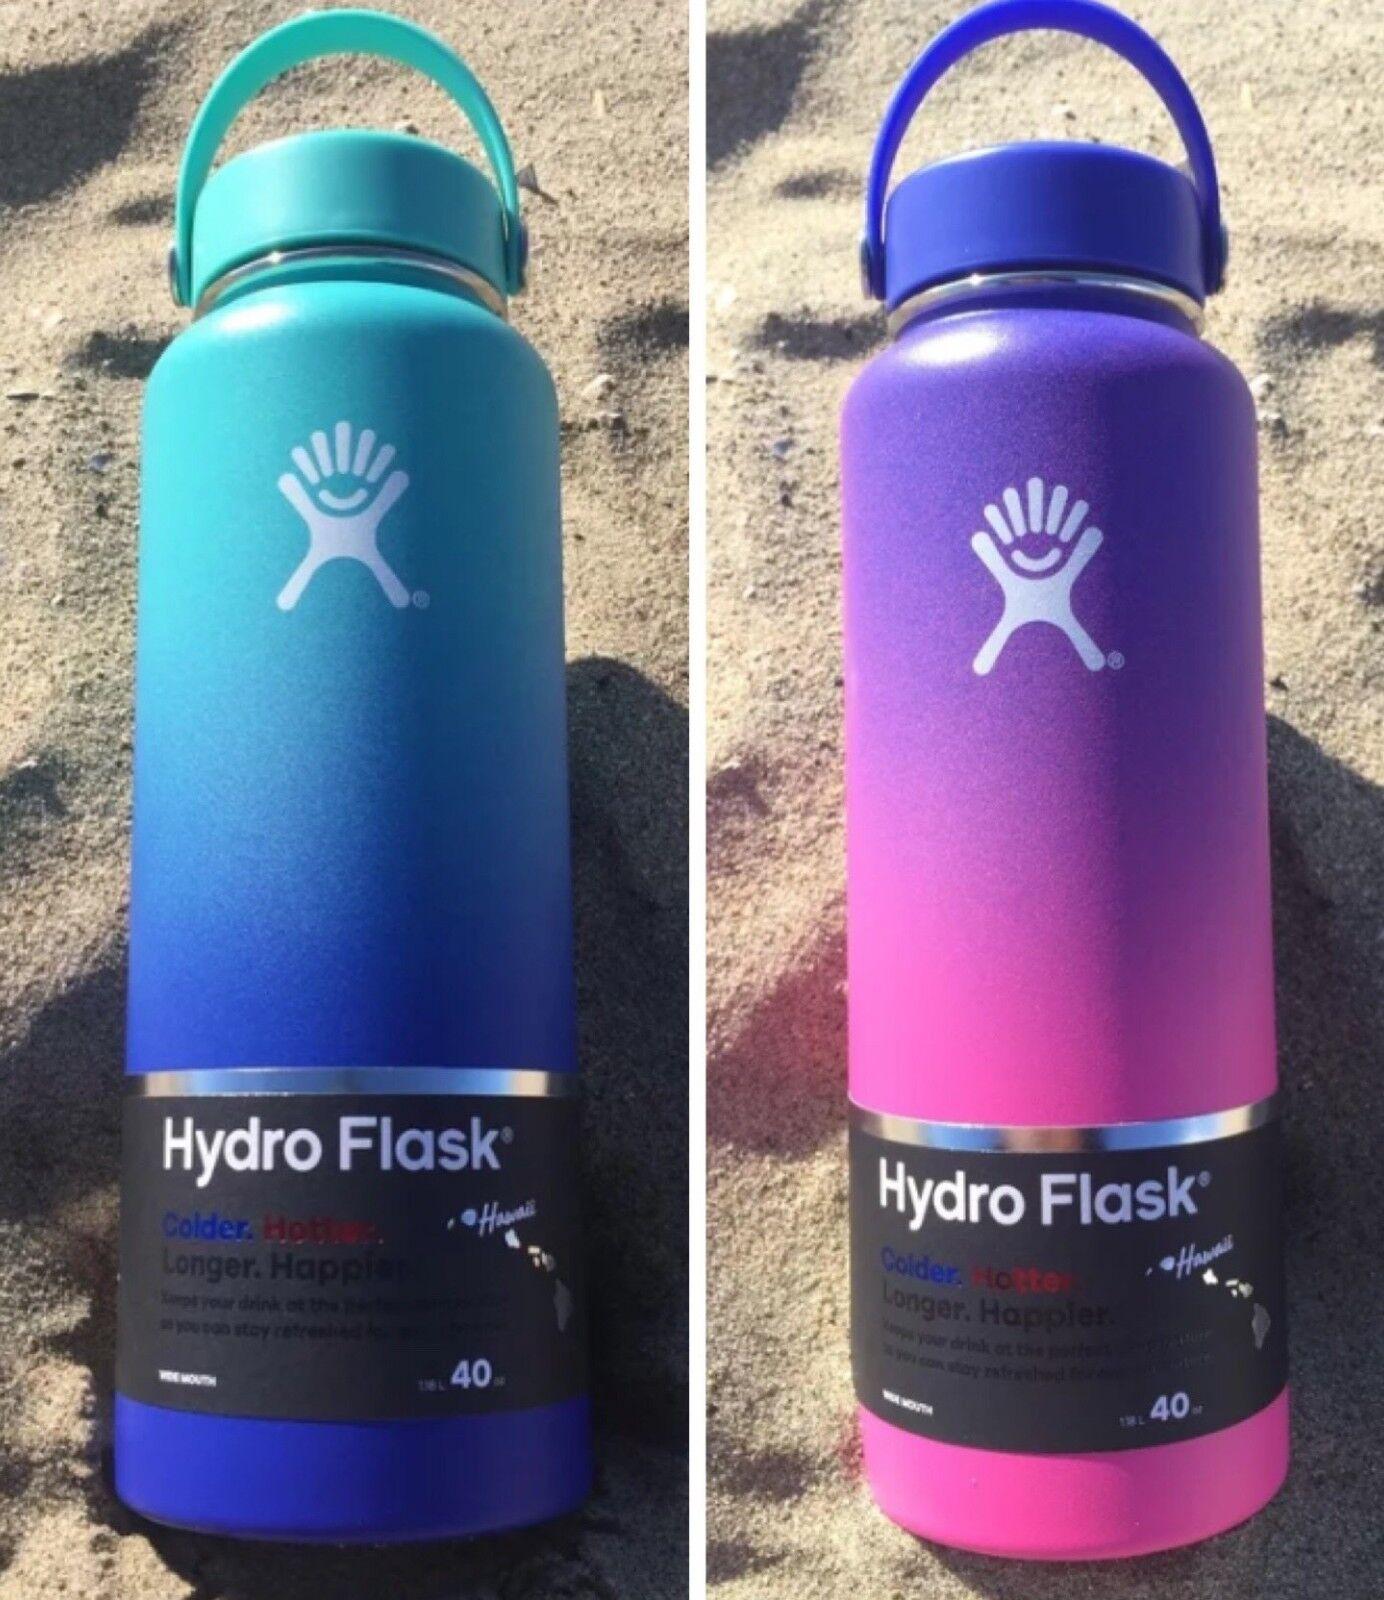 Nuevo Hydro Flask Ombre Edición Limitada Hawaii Moana azul y Anuenue púrpura 40 OZ (approx. 1133.96 g)